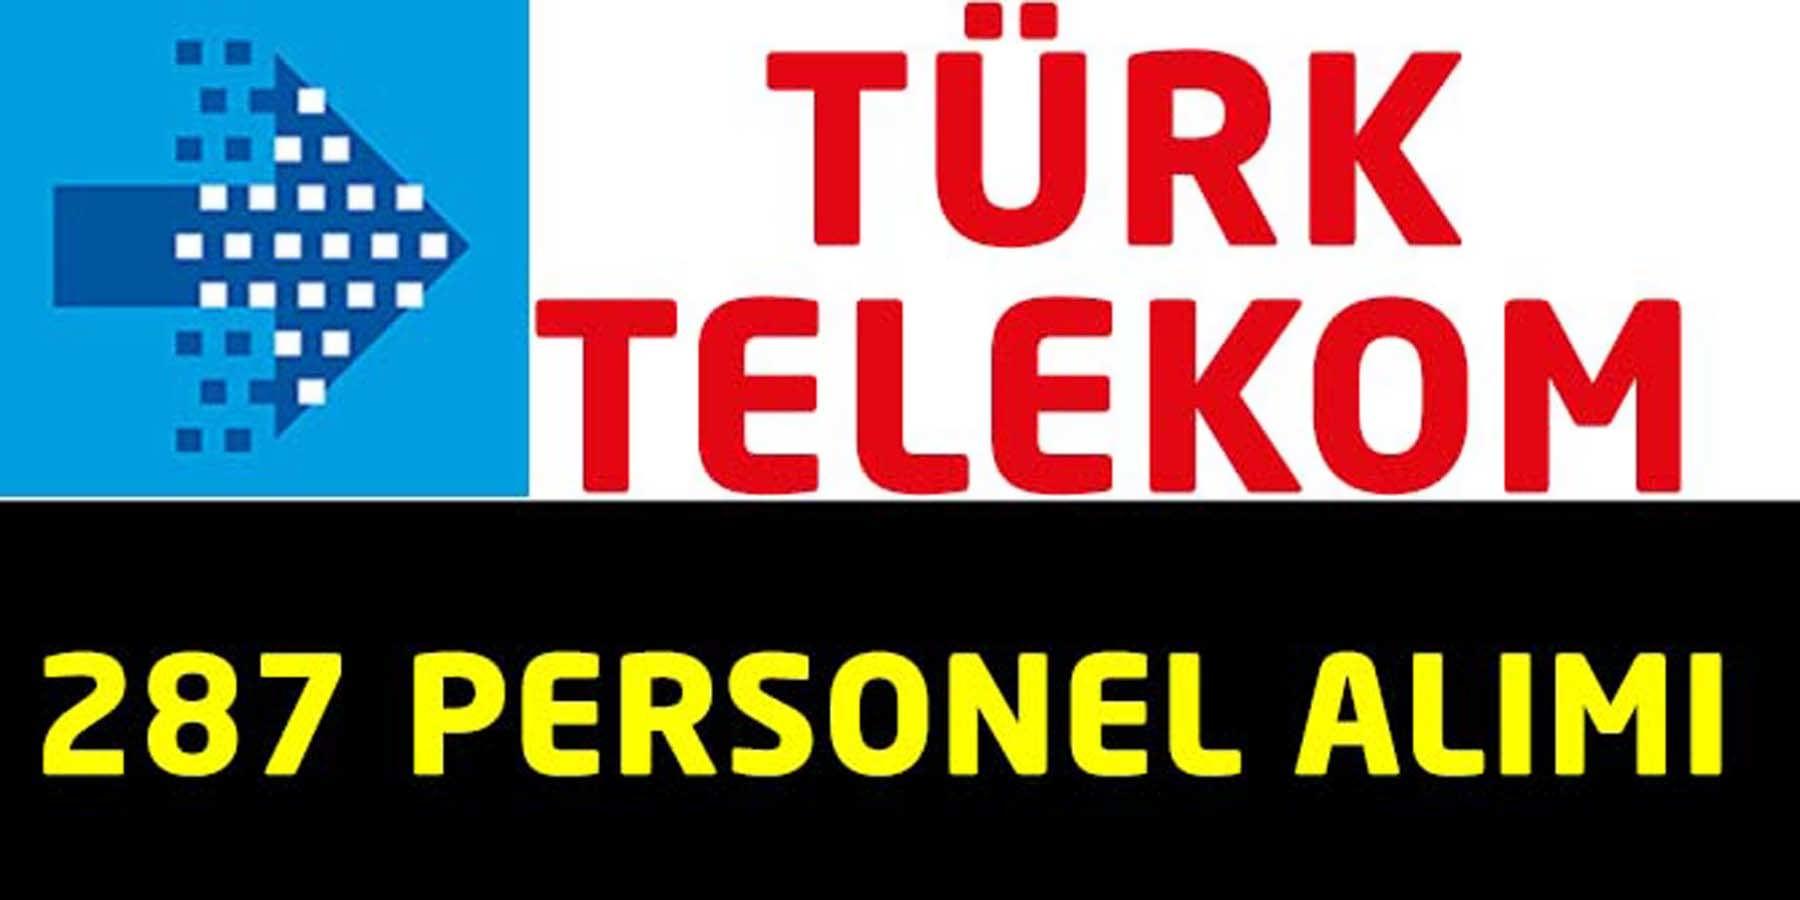 Türk Telekom KPSS Şartsız 287 İşçi Alım İlanı Yayınlandı